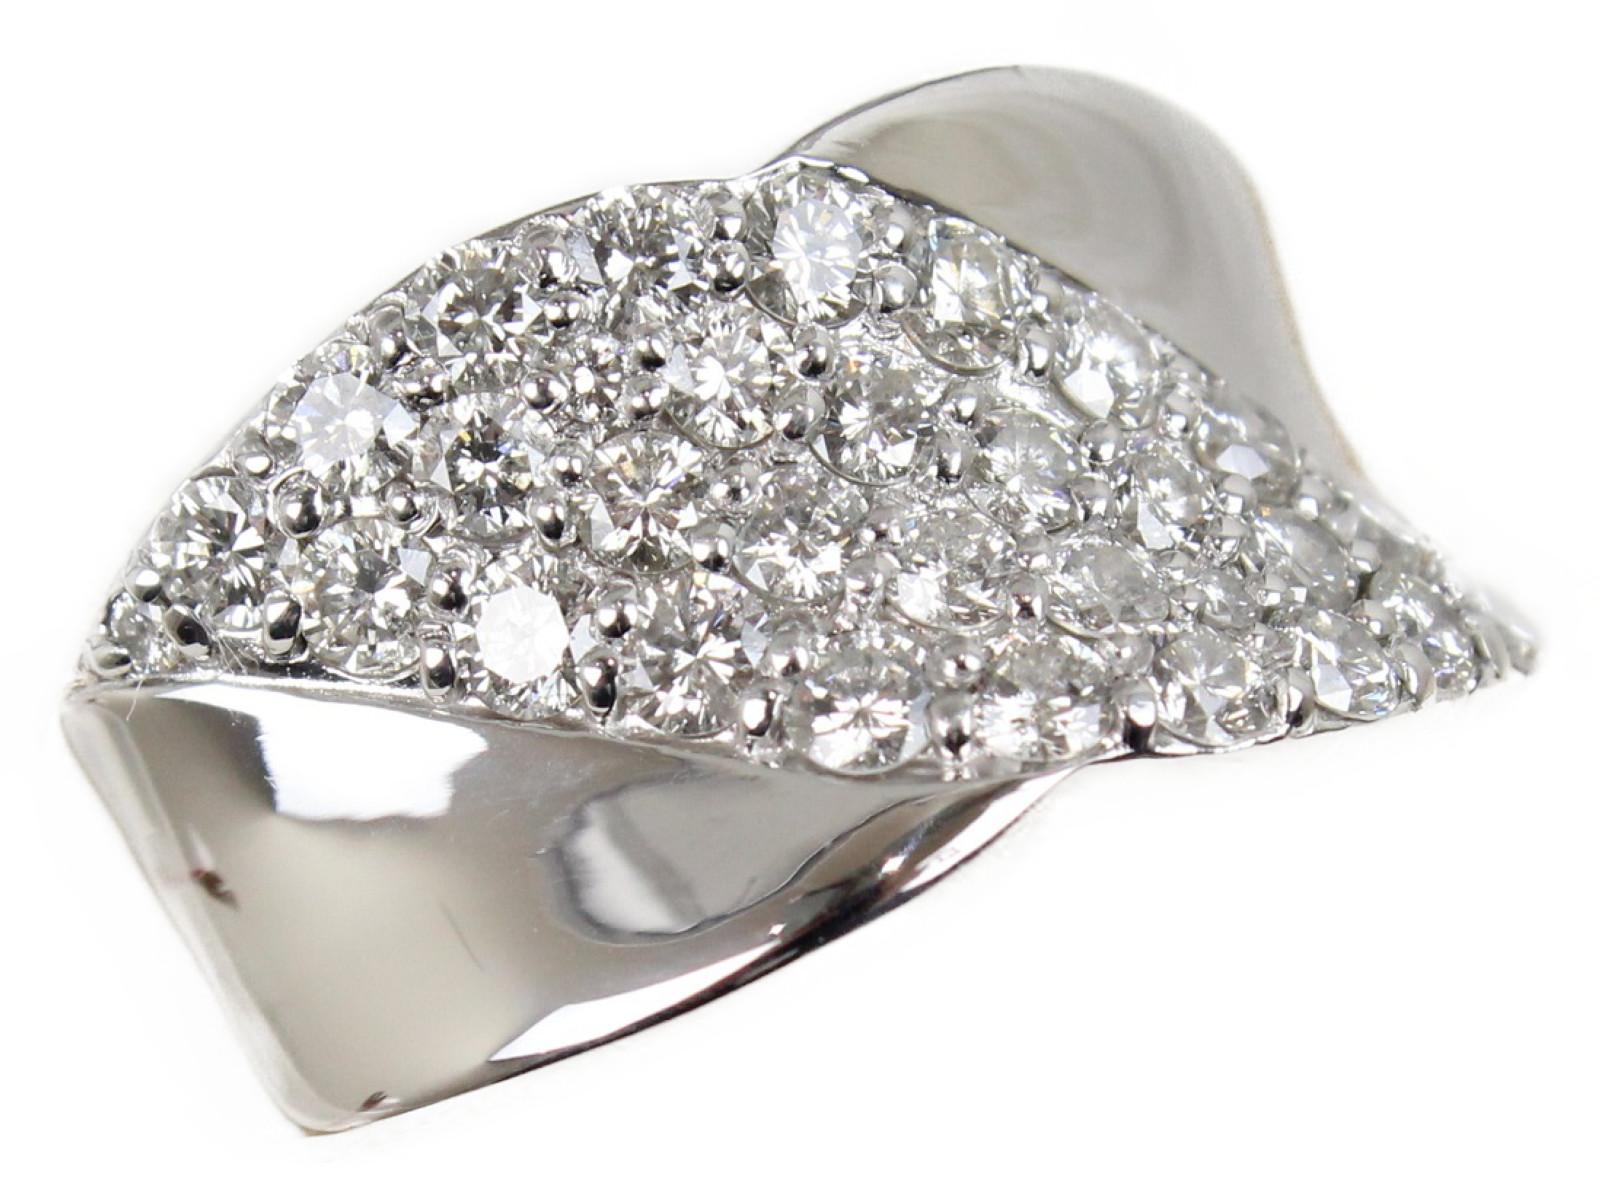 【新品仕上げ済】ダイヤモンドリングダイヤモンド1.00ct Pt90010.9g 14.5号 鑑別書上品 ギフト包装可【中古】